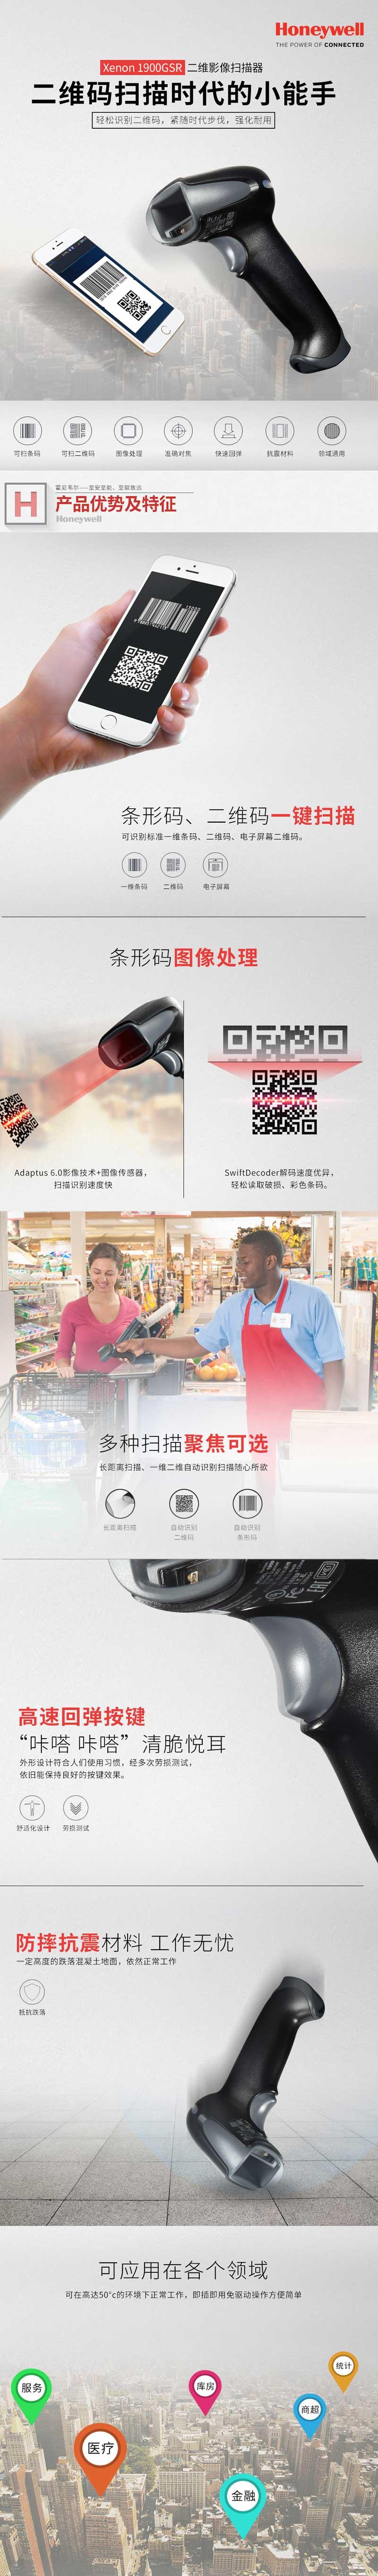 霍尼韦尔(Honeywell)1900GSR 二维码条形码农资医药扫描枪 可扫电子屏幕扫描器 商场超市快递扫码枪